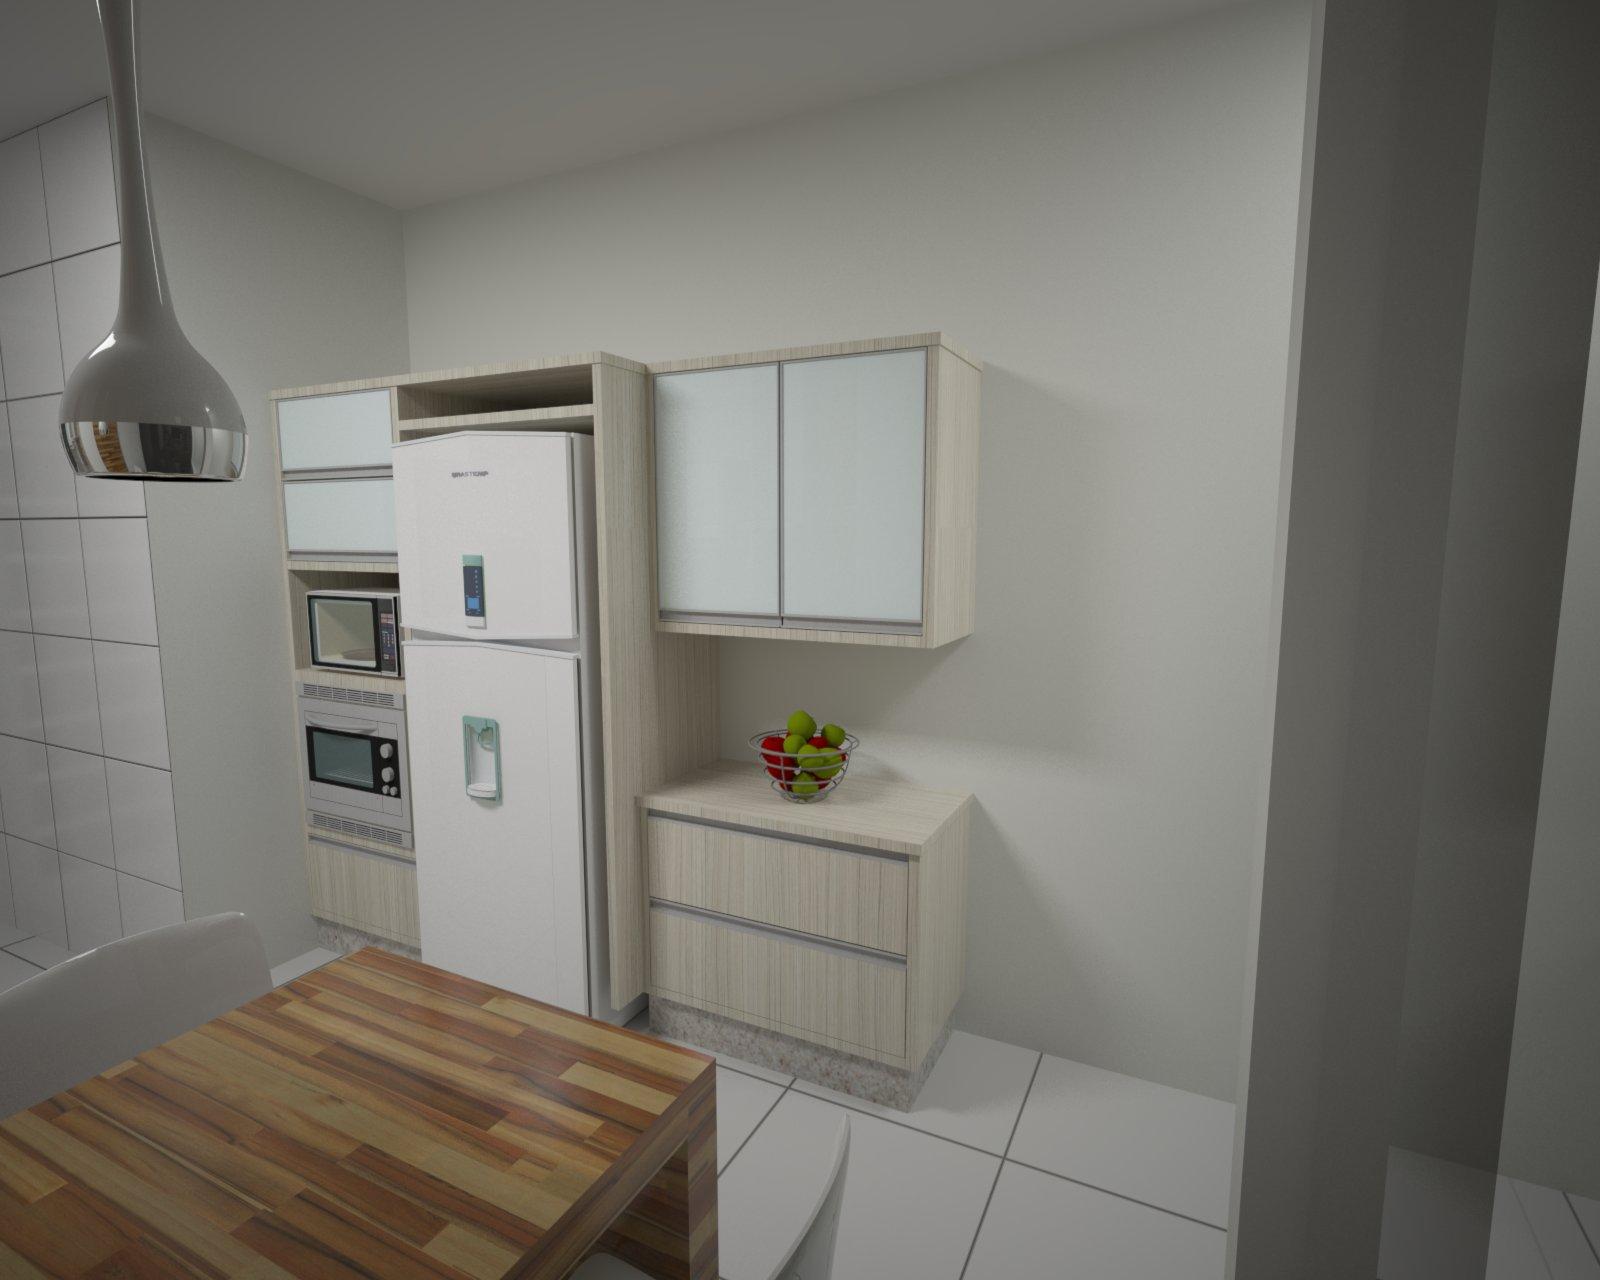 Projetos 3D para Marcenaria: Projetos Cozinhas #5F4C38 1600 1280